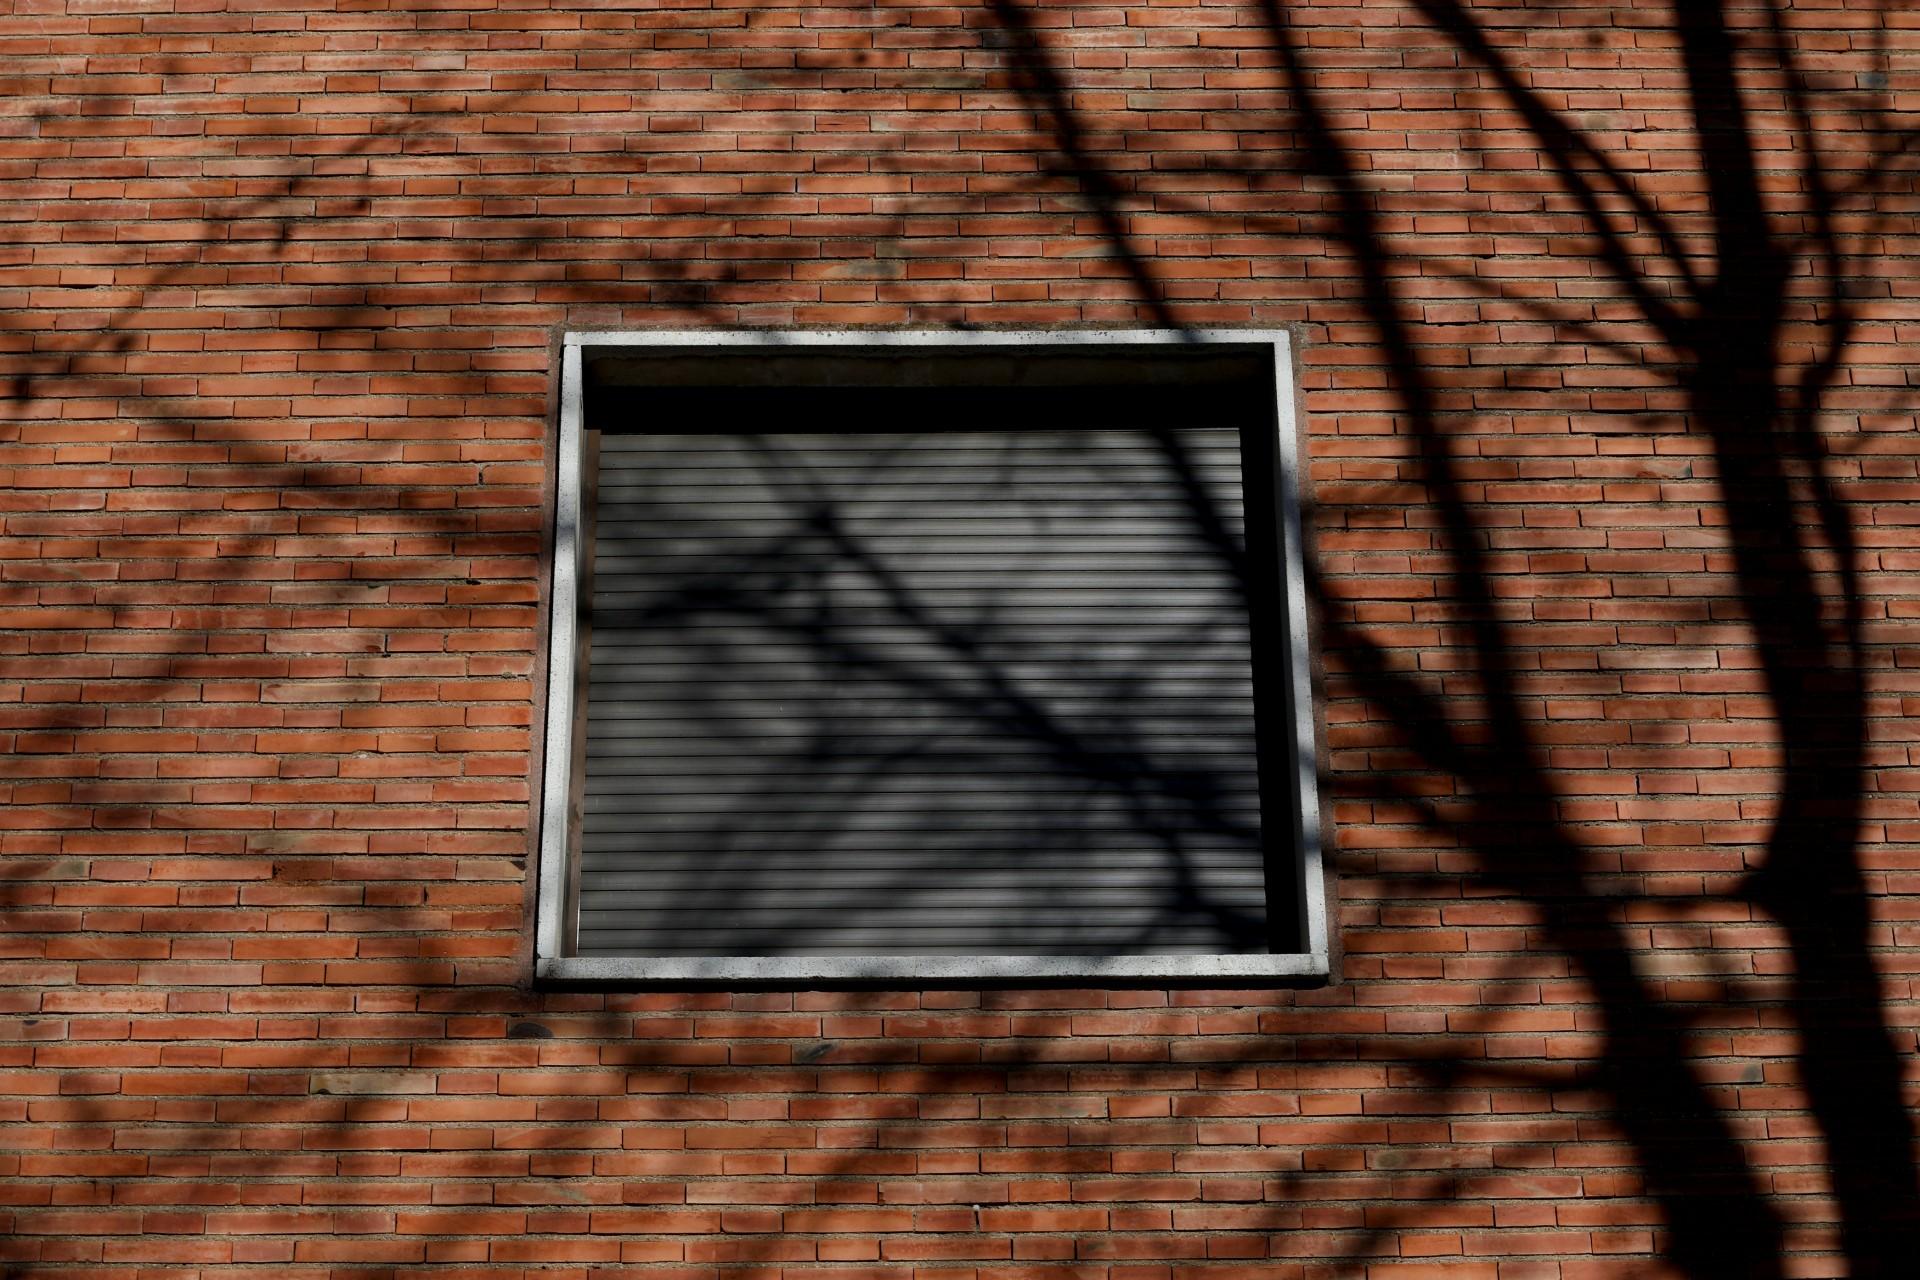 La ventana de una de las salas de la escuela del Padre Trinitario, donde la profesora de filosofía Teresa Conde, de 52 años, dice que fue violada por un sacerdote de 30 años mayor que ella cuando tenía 14 años, se ve en Salamanca, España, el 7 de febrero de 2019.